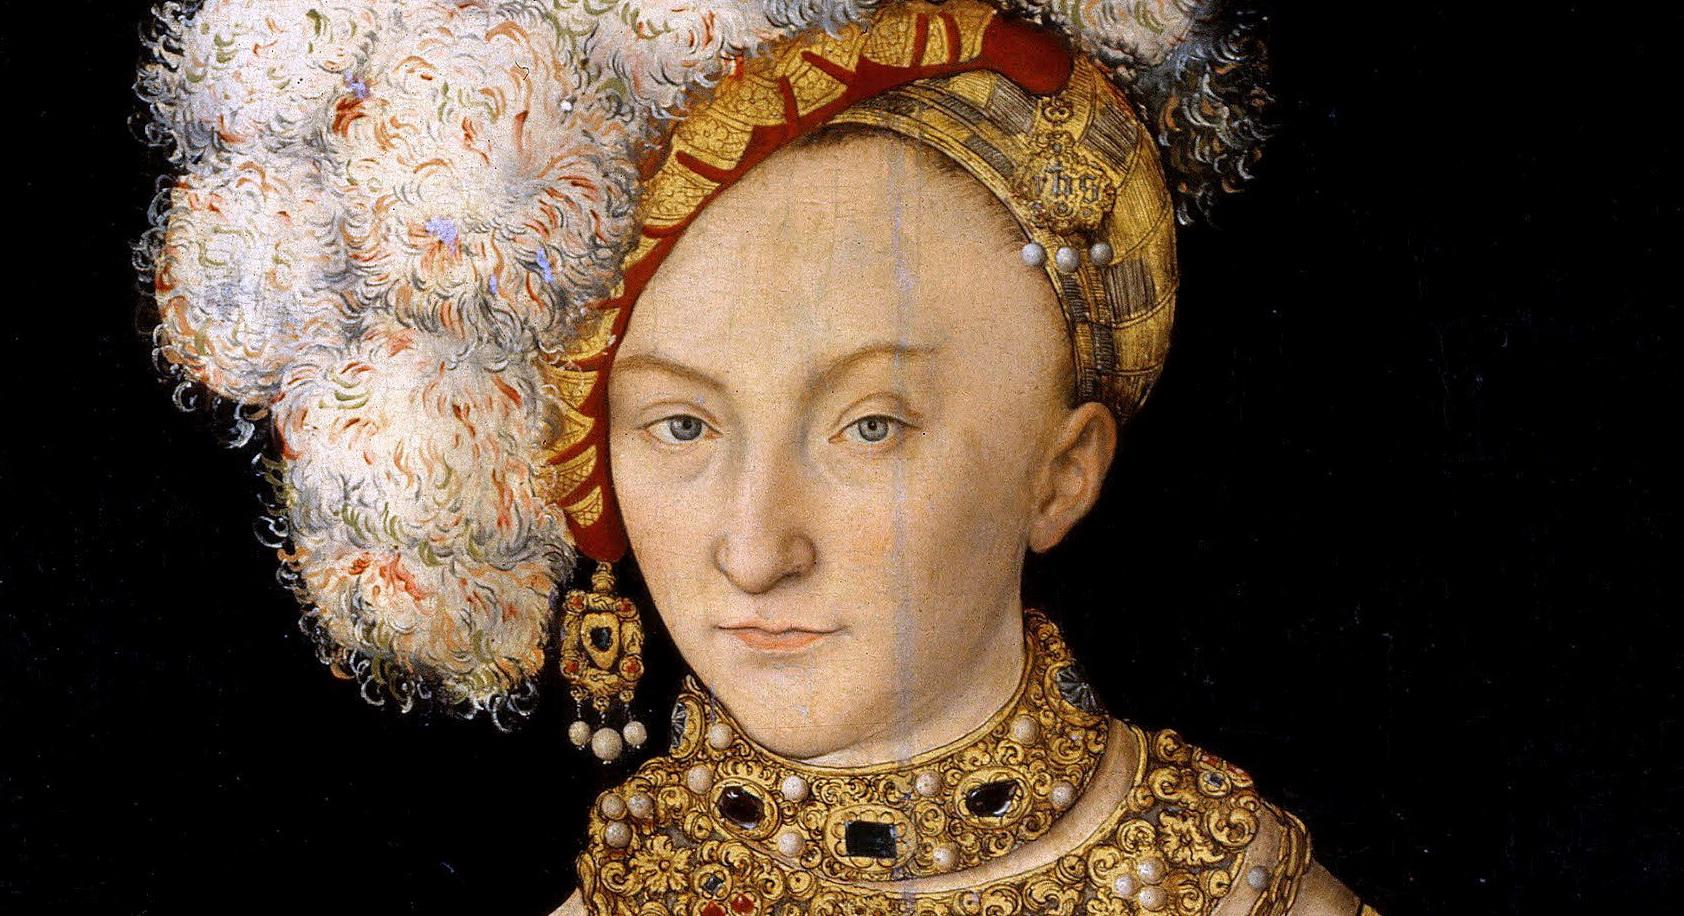 Lucas_Cranach_the_Elder_-_Duchess_Katharina_von_Mecklenburg_-_Google_Art_ProjectFXD_crop